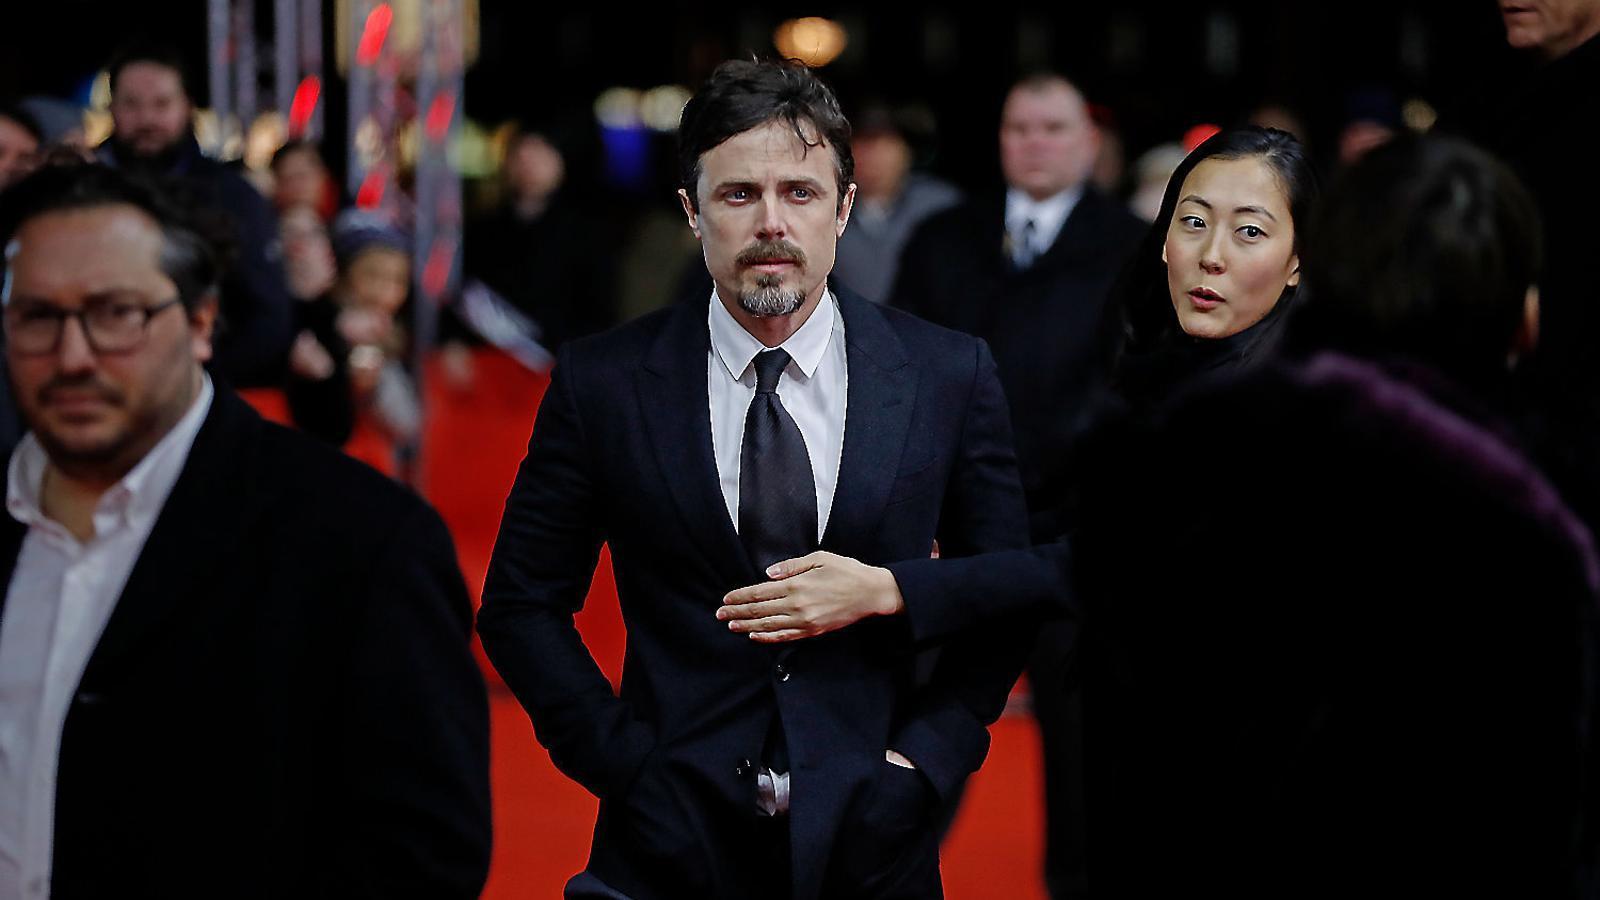 L'actor i director nord-americà a la Berlinale presentant la seva última pel·lícula, Light of my life.